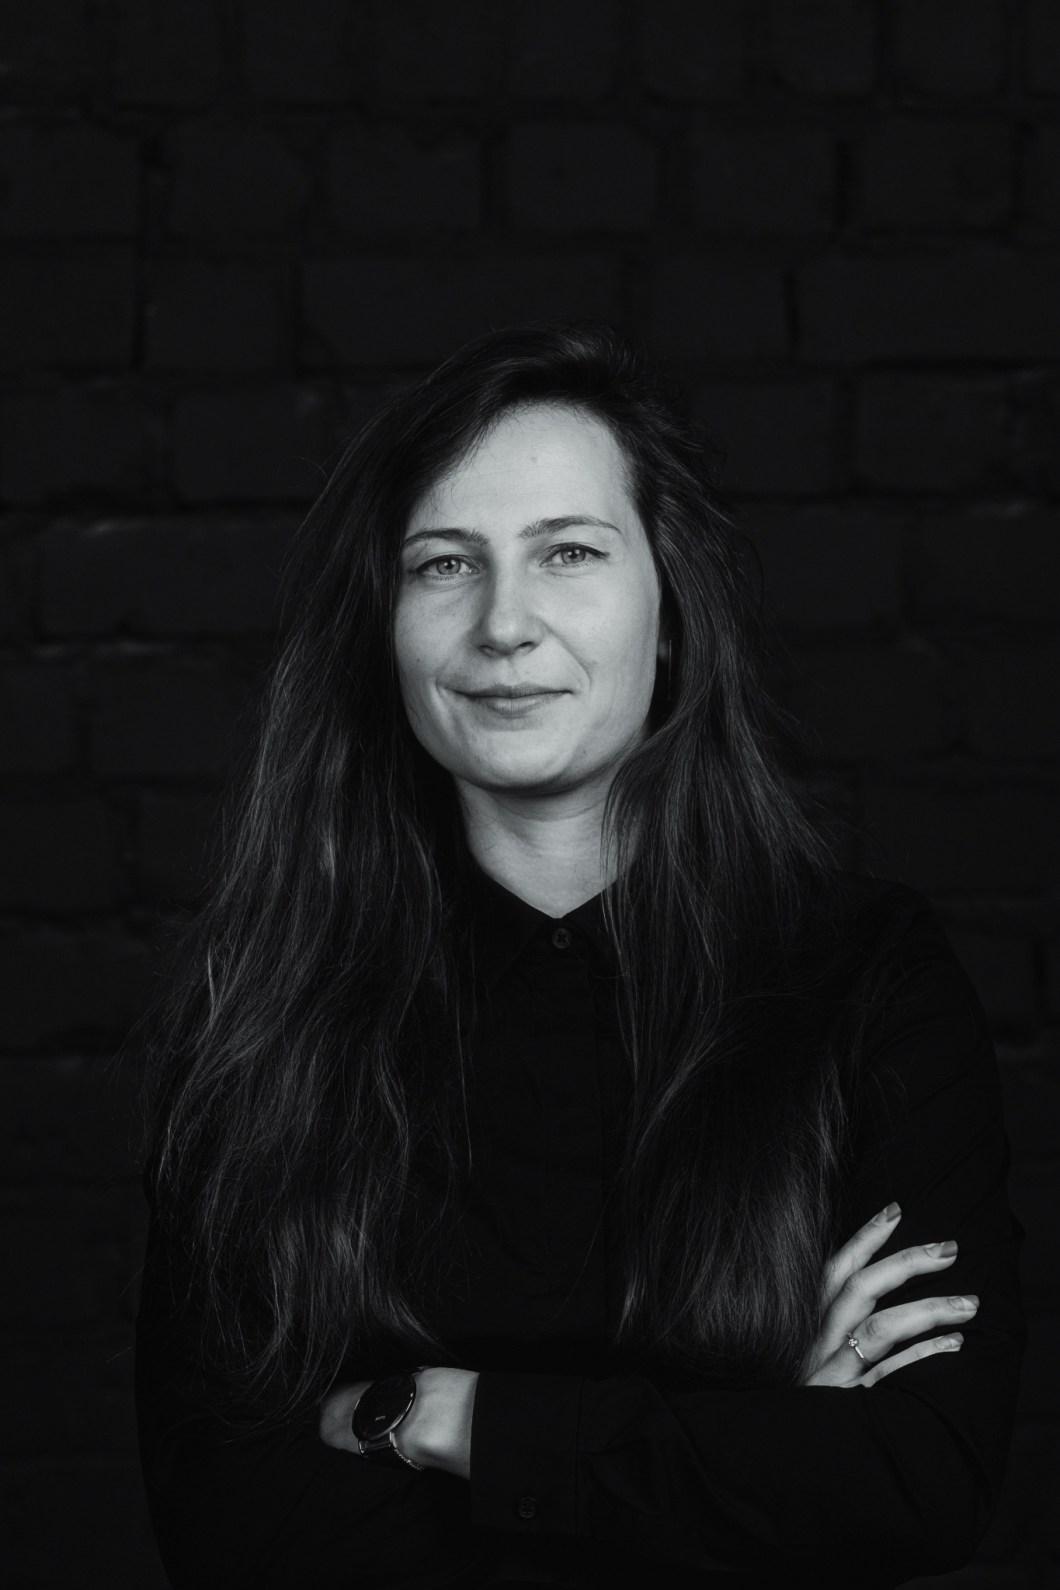 Jelena Ozolina- Jelisejeva